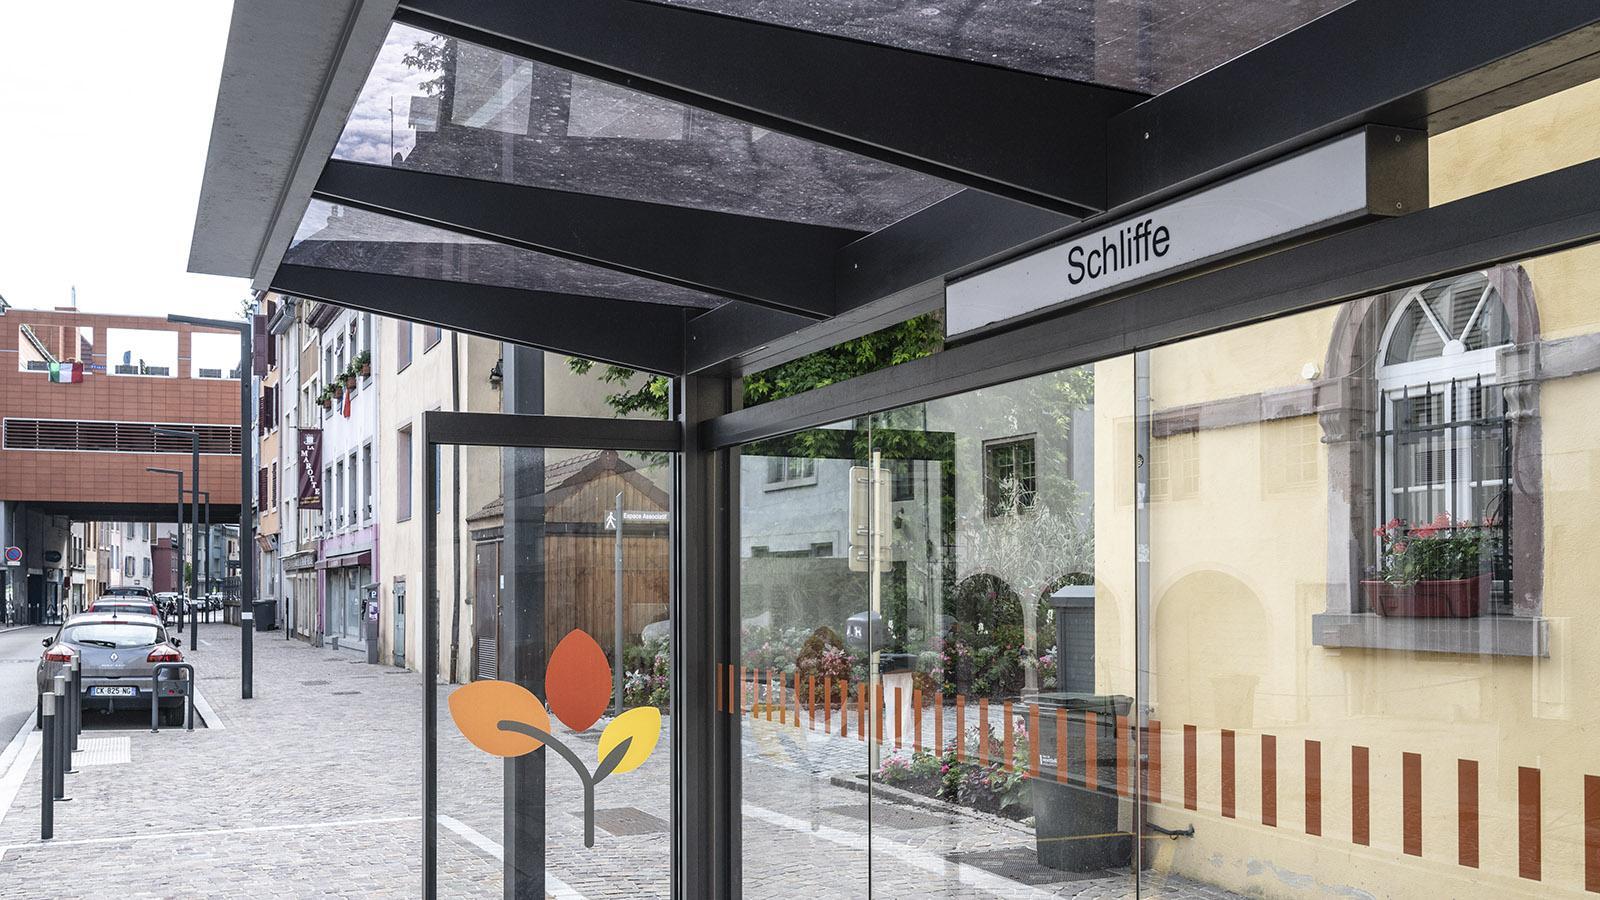 Schliffe: Die Bushaltestelle könnte glatt in Württemberg stehen... Foto: Hilke Maunder